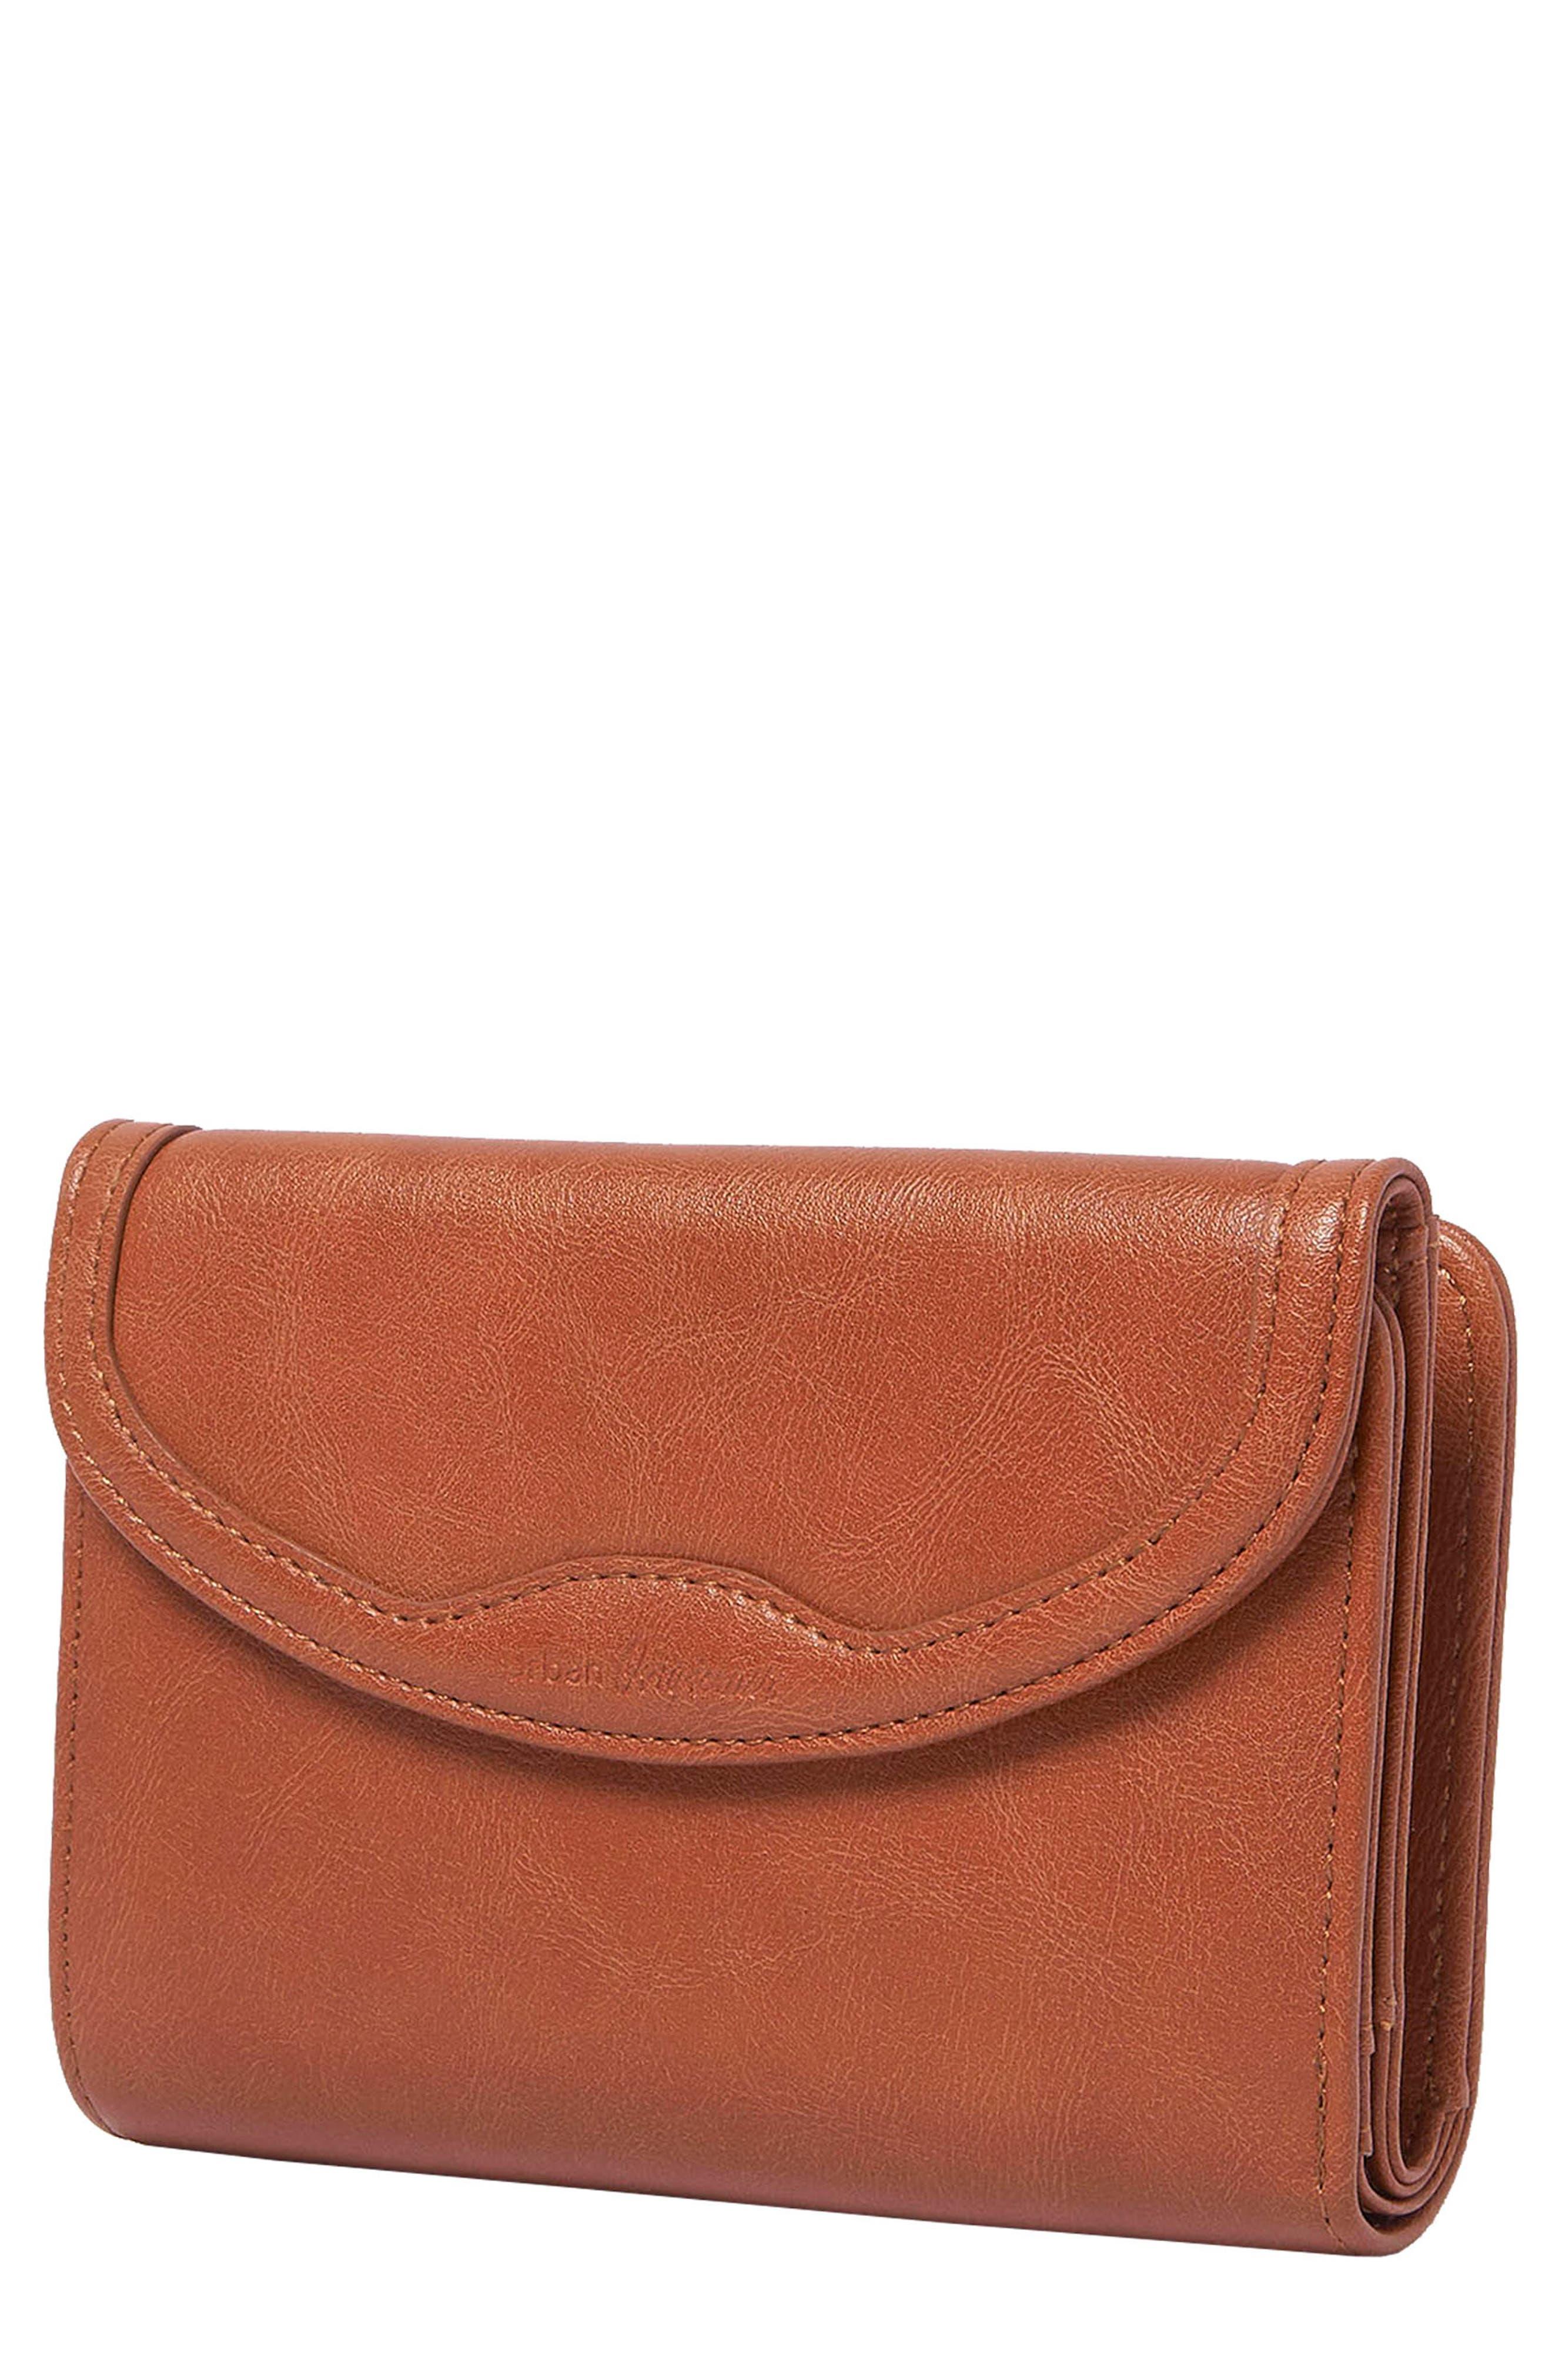 Queen Bee Vegan Leather Wallet - Brown in Tan